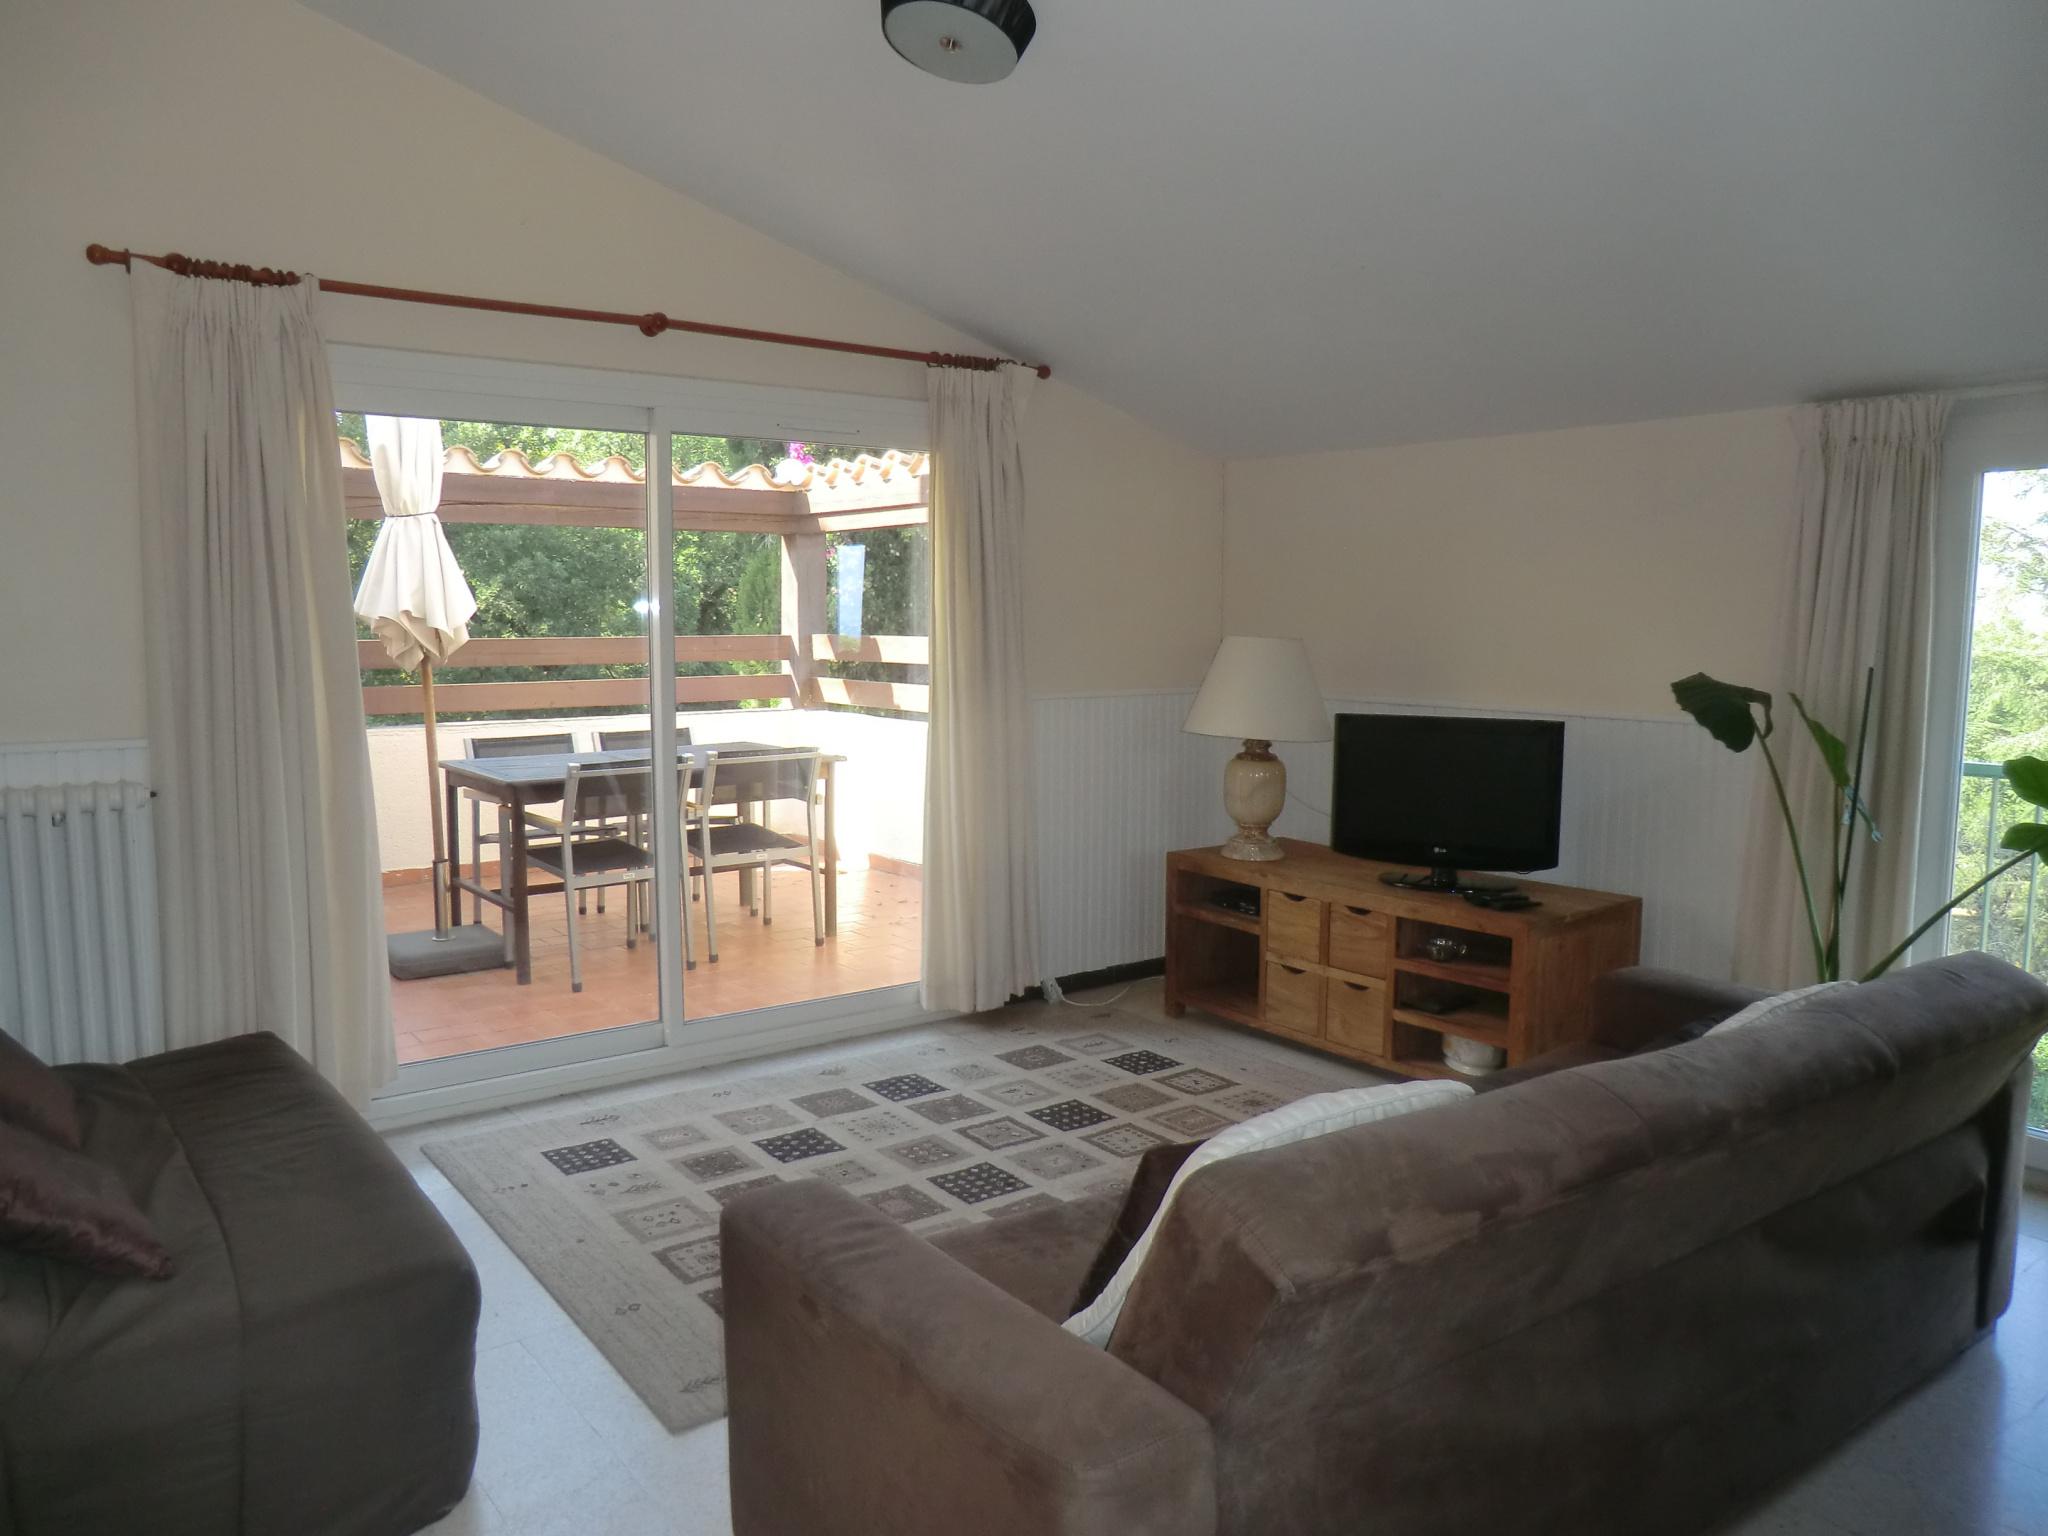 À vendre maison/villa de 500m2 à argeles sur mer (66700) - Photo 27'